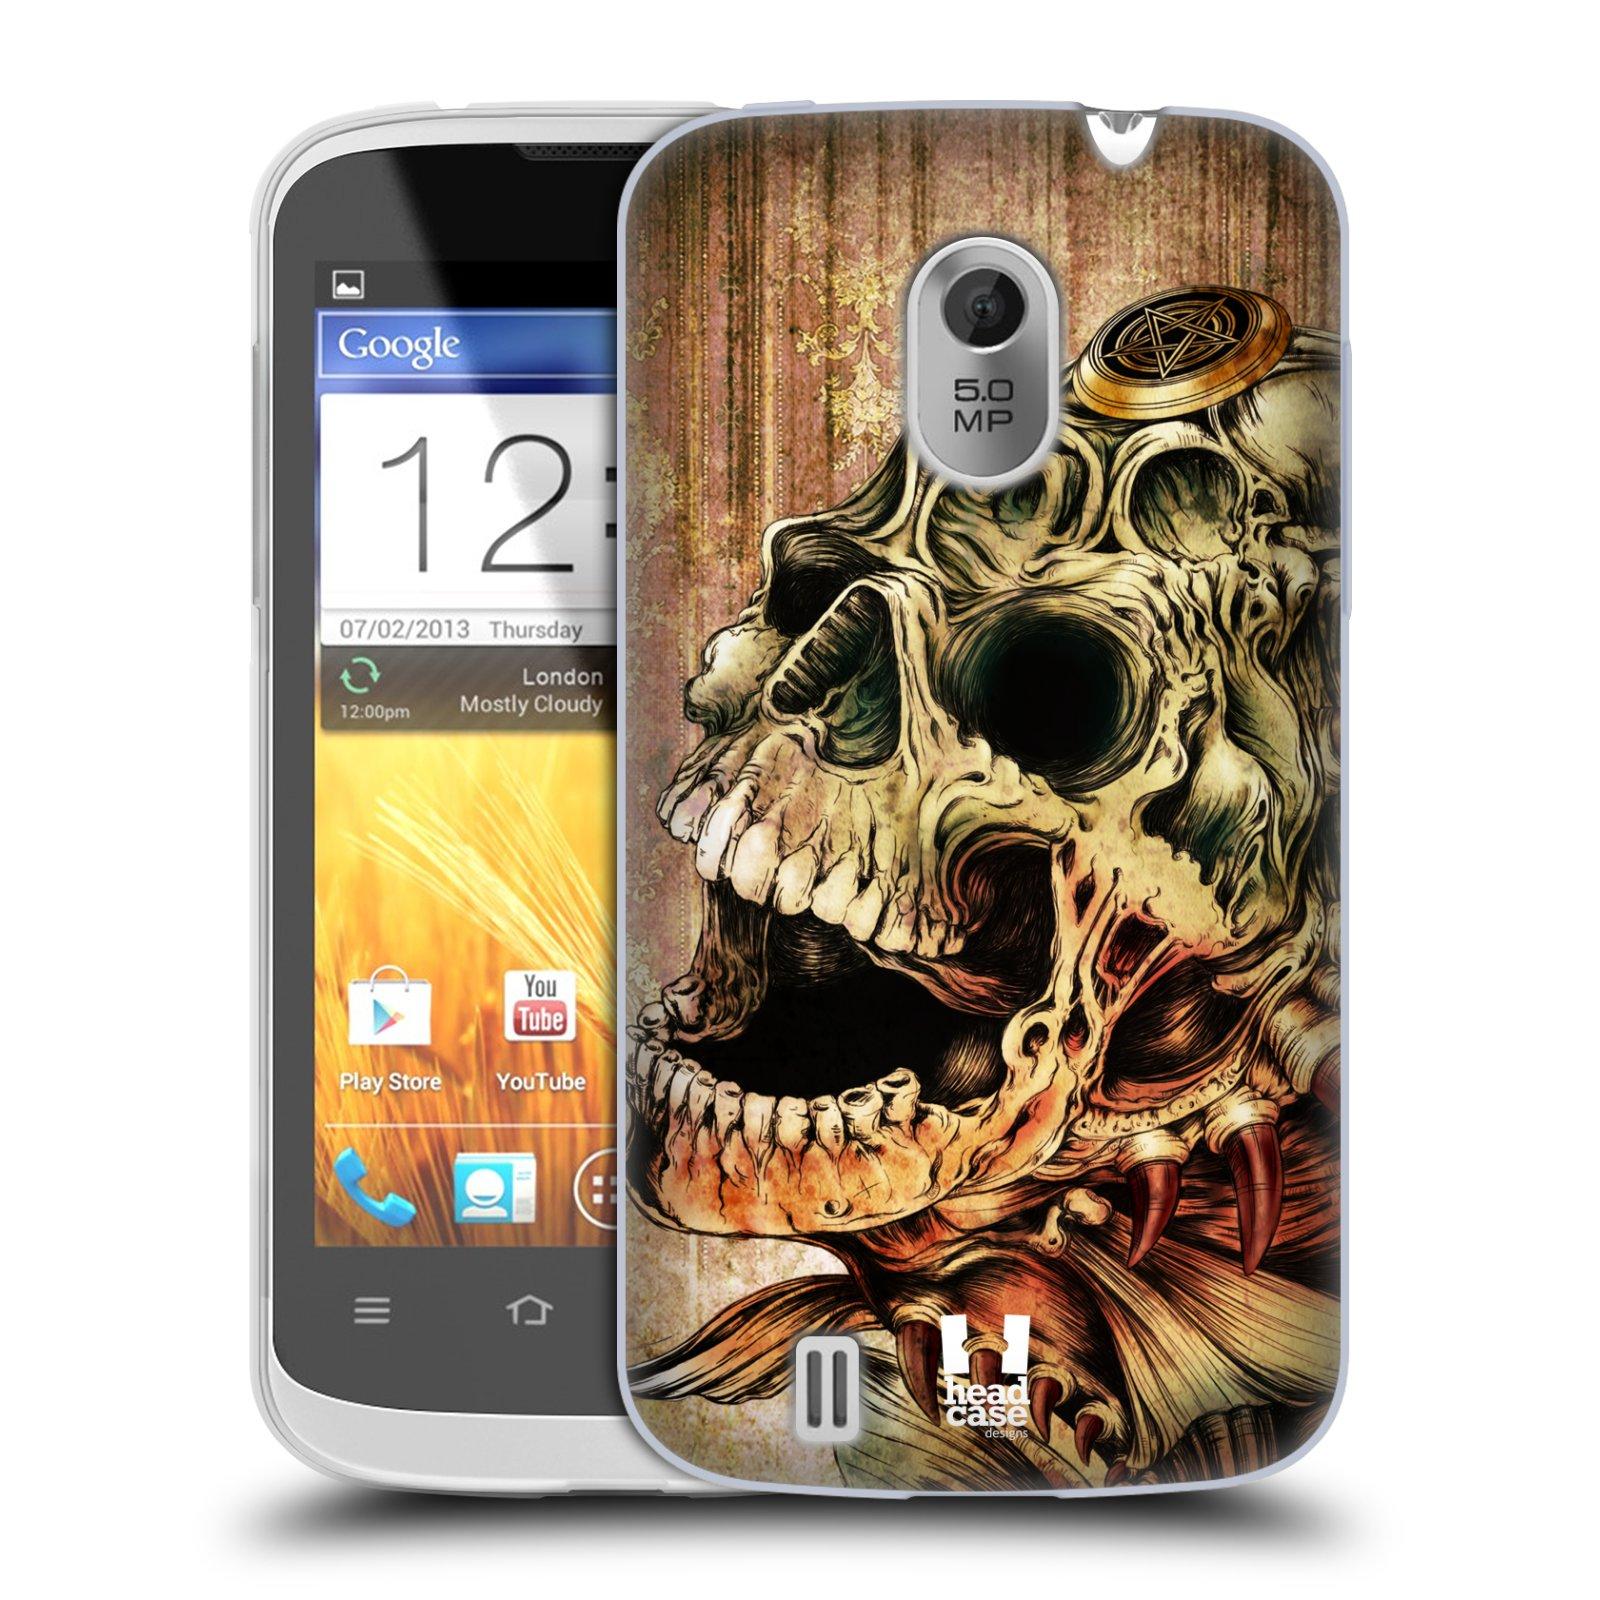 Silikonové pouzdro na mobil ZTE Blade III HEAD CASE PIRANHA (Silikonový kryt či obal na mobilní telefon ZTE Blade 3)